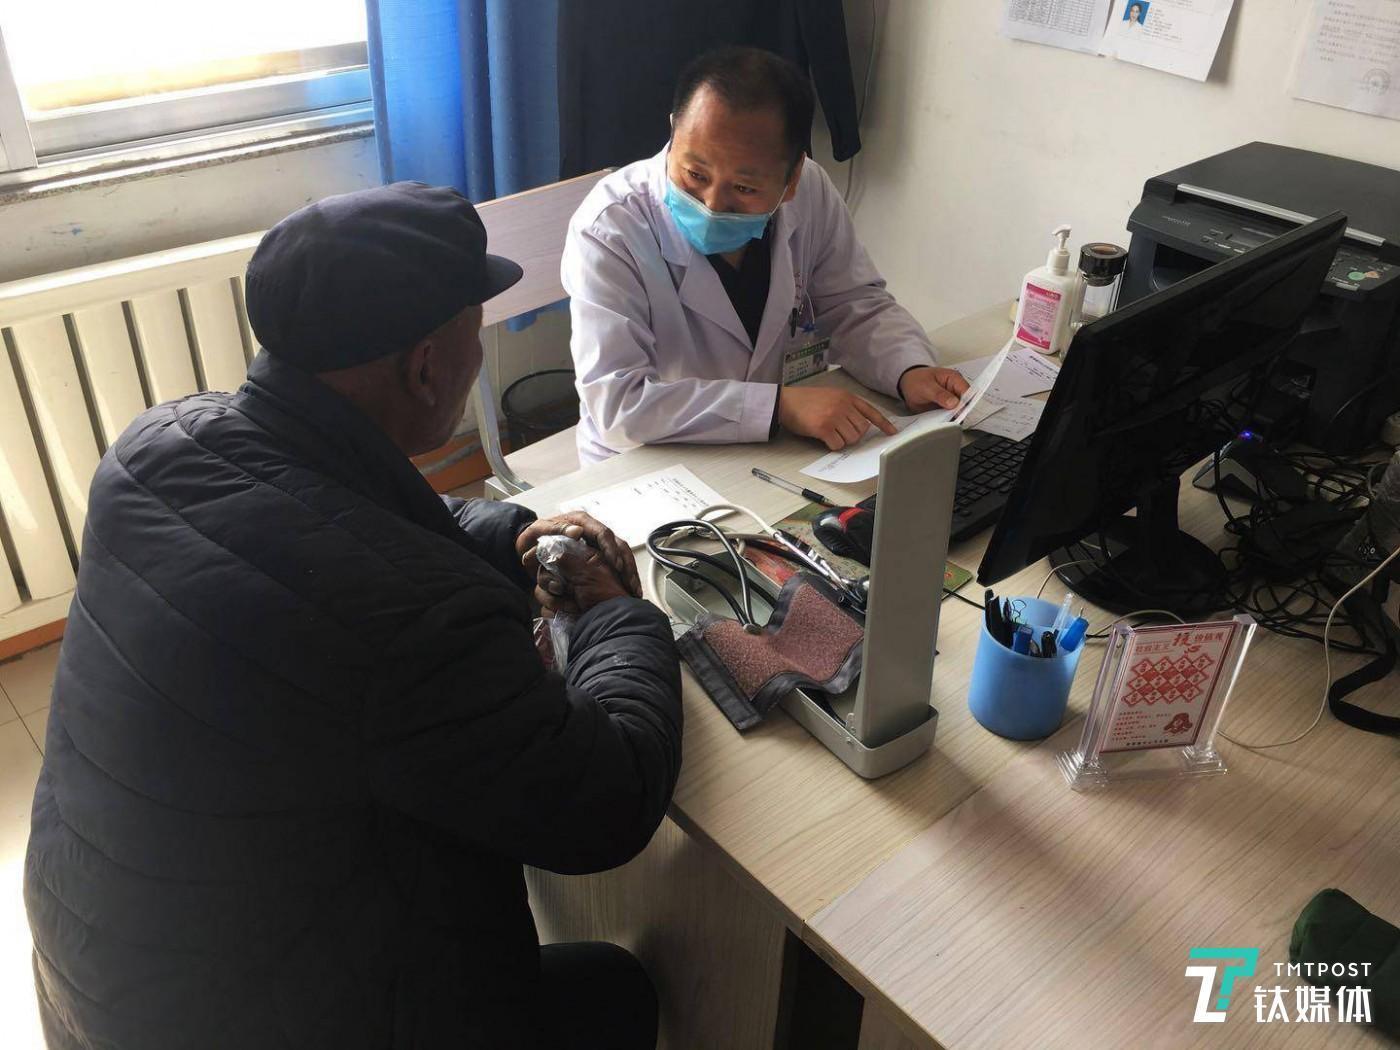 4月3日下午三点,星海镇卫生院全科诊室内,杨小利大夫正在为病人诊断